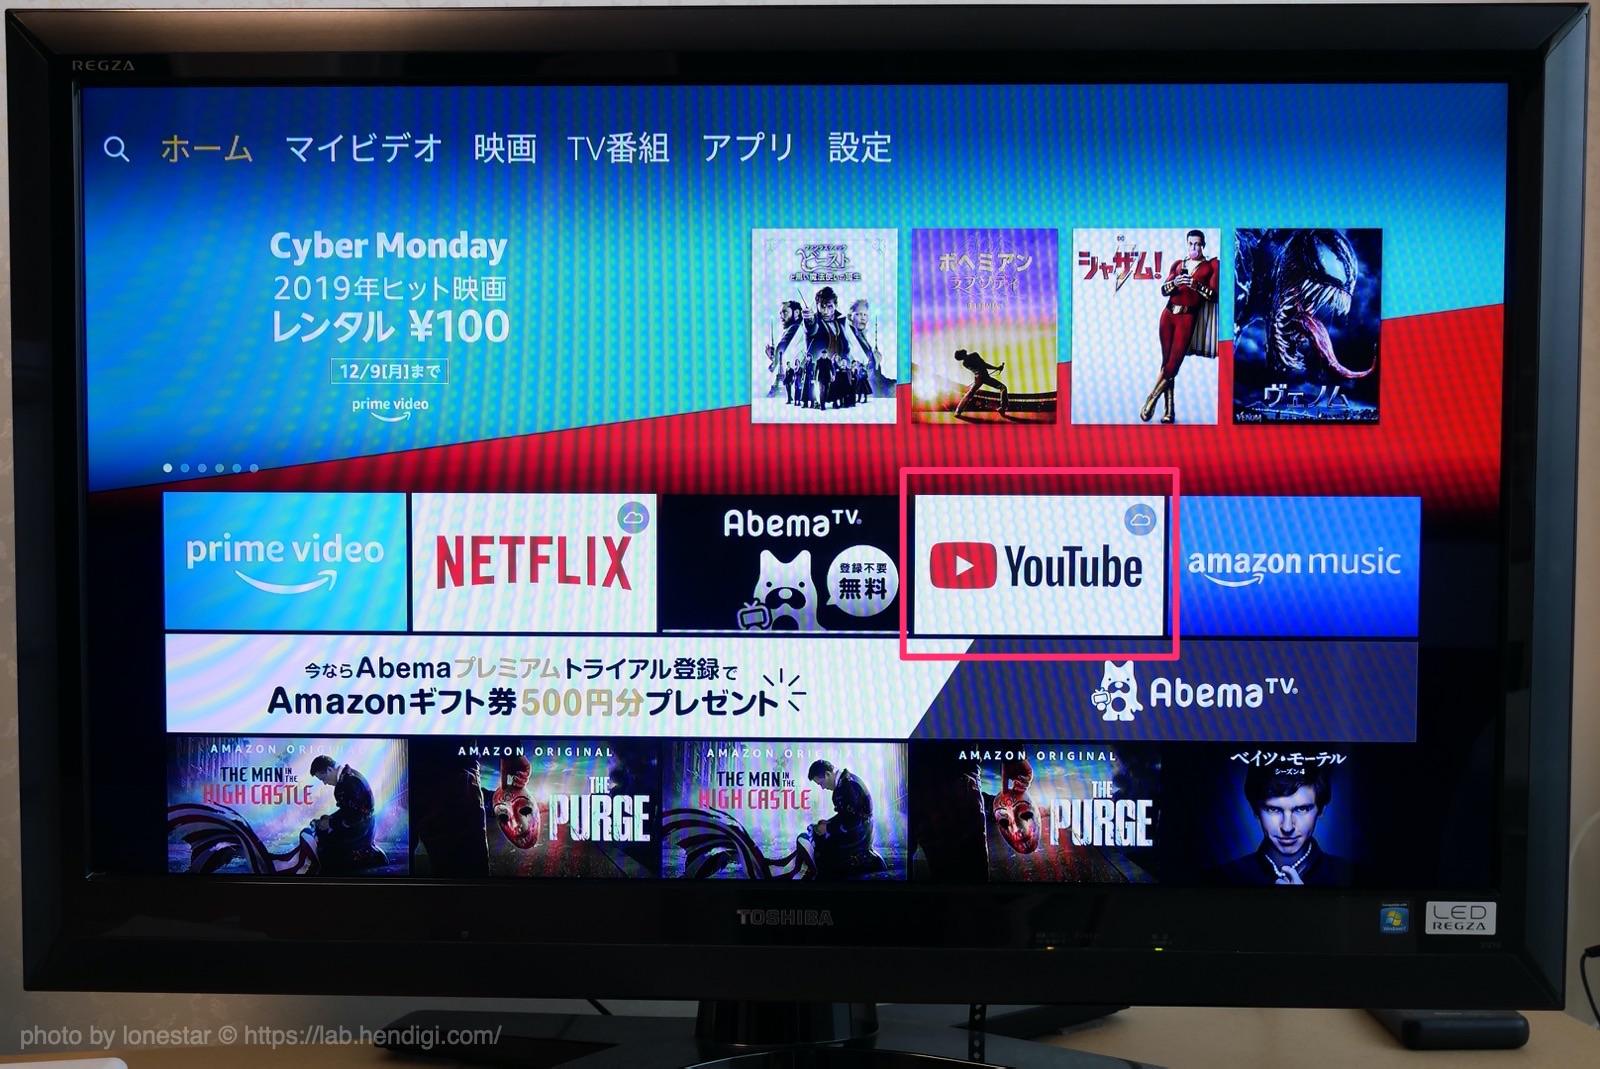 方法 見る で テレビ を ユーチューブ